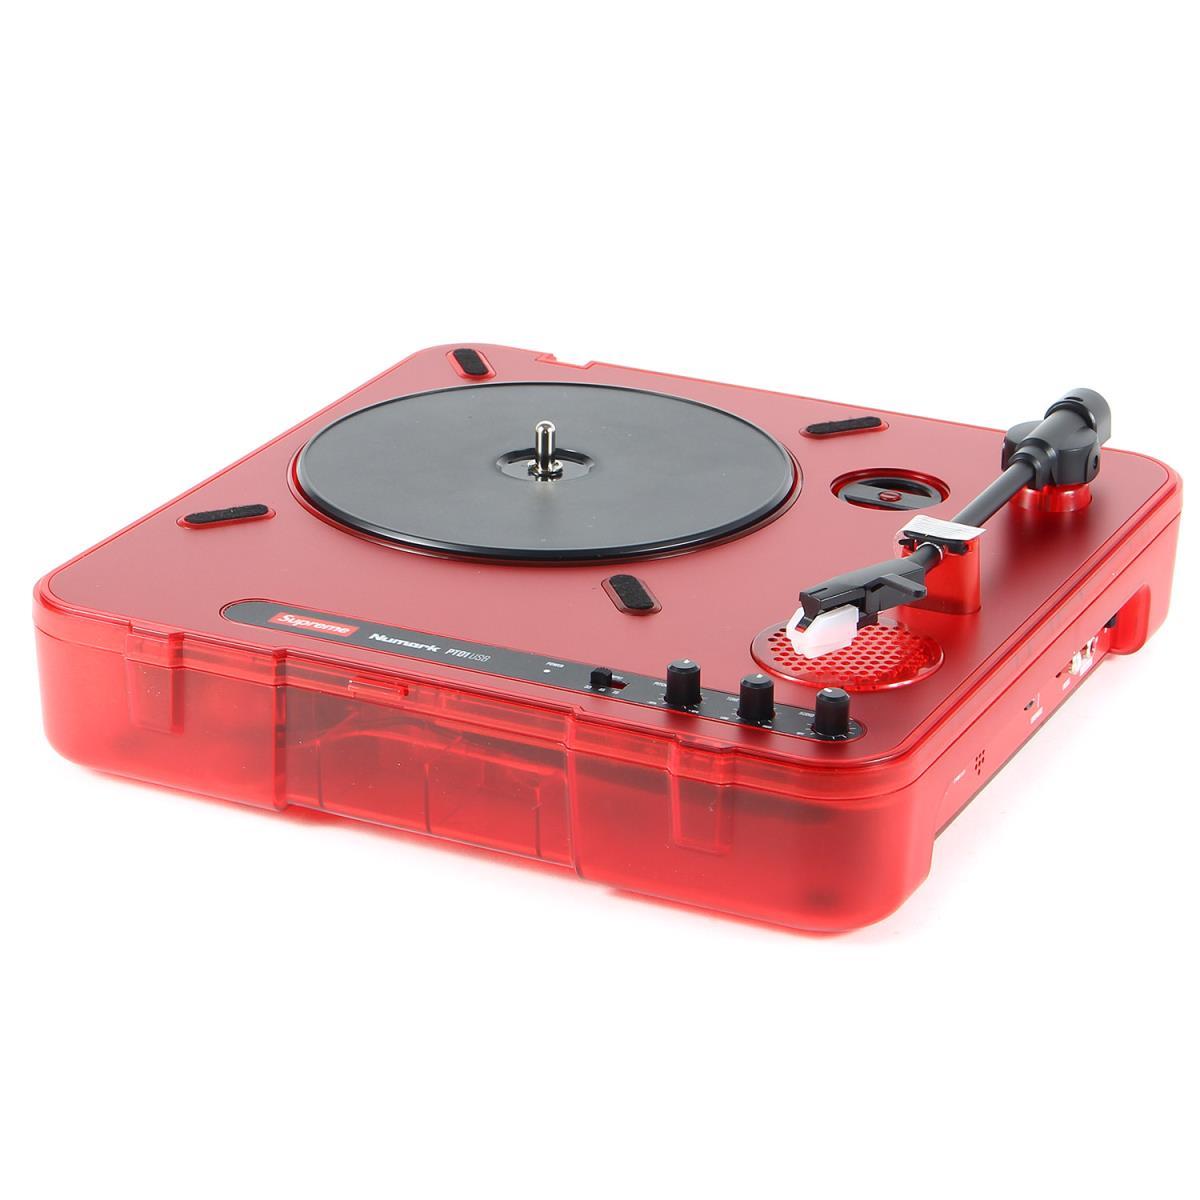 シュプリーム ヌマーク ターンテーブル Supreme Numark ポータブル PT01 Portable K2905 20SS Turntable 贈与 メンズ レッド 超美品再入荷品質至上